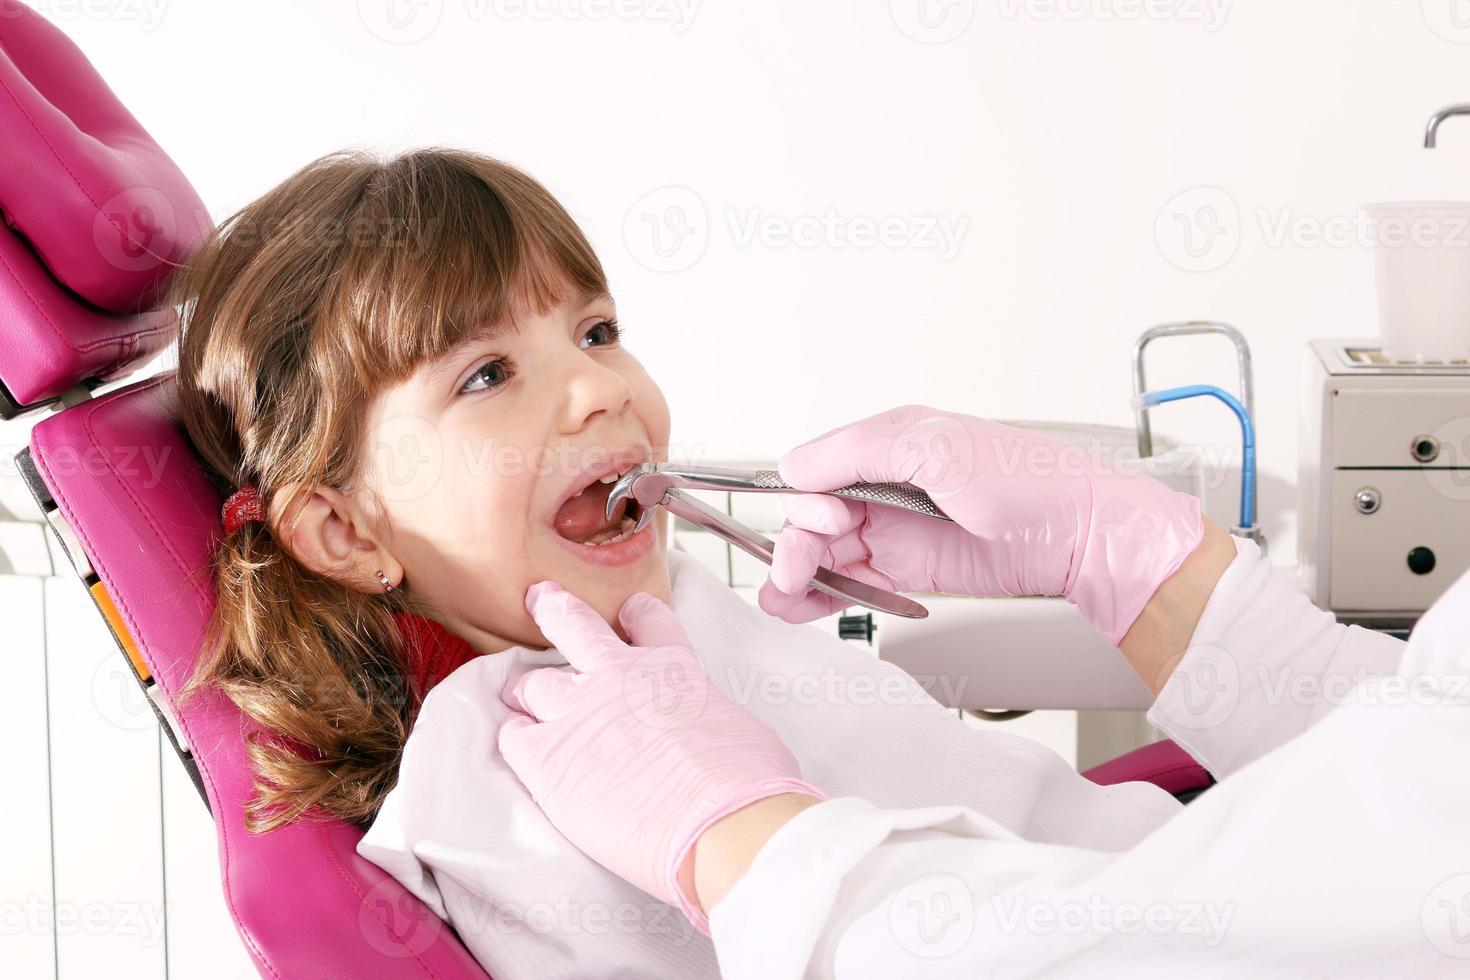 tandläkaren extraherade tanden liten flicka med en tång foto